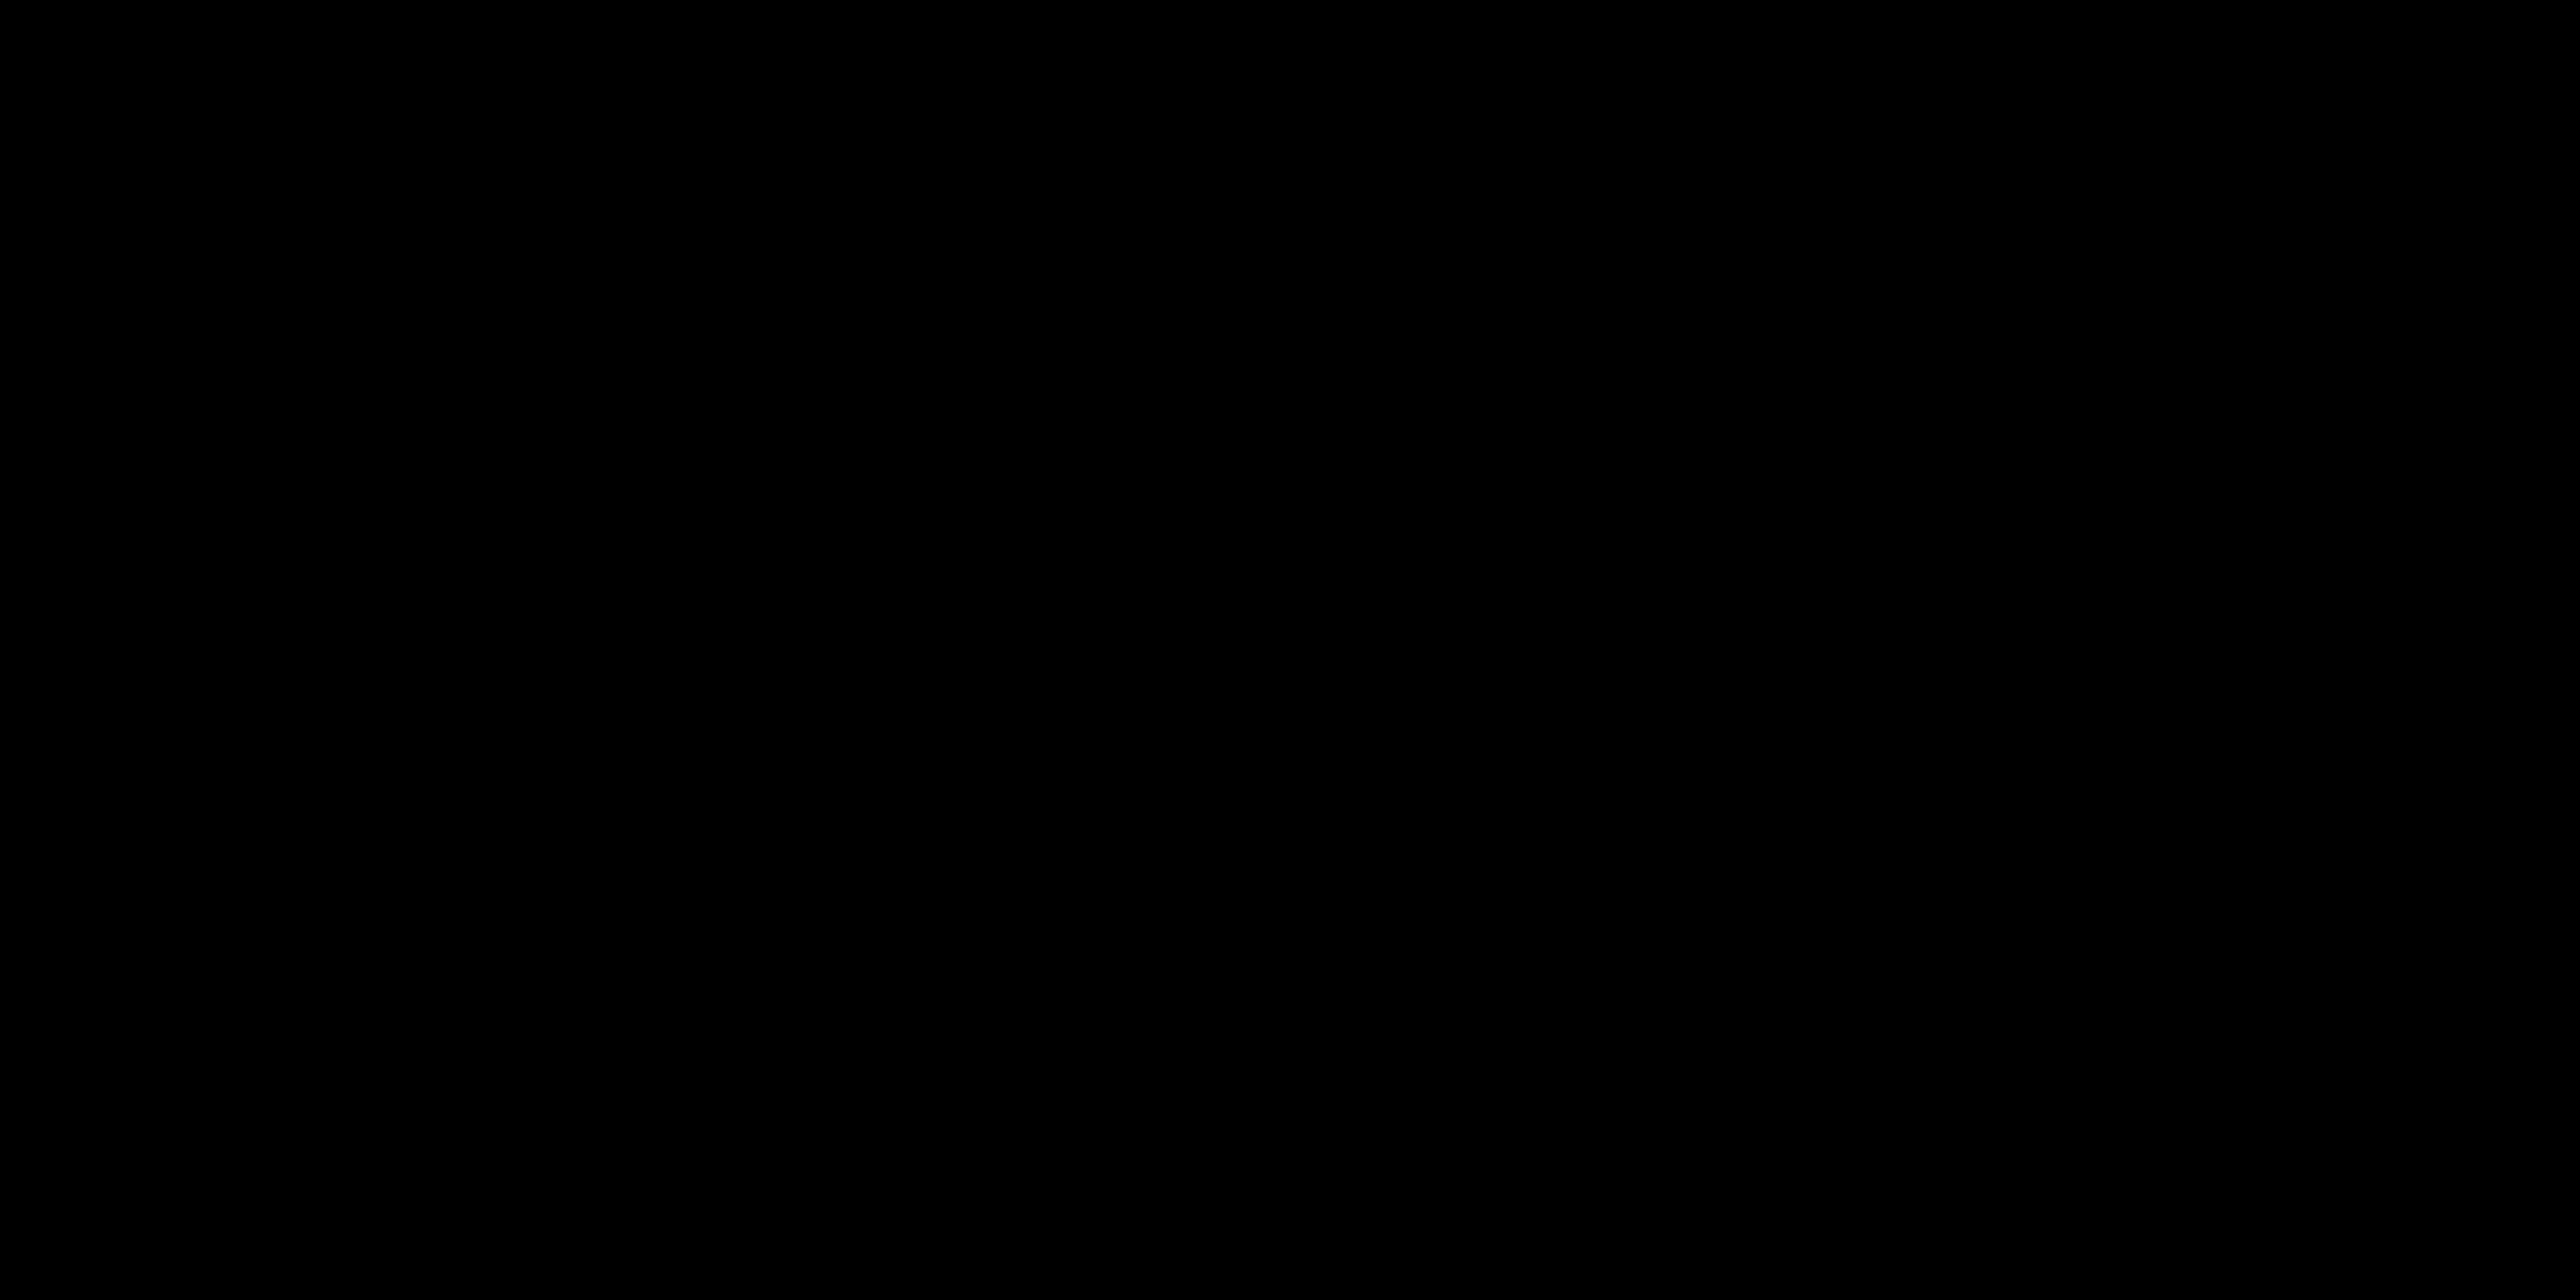 Arka plan siyah